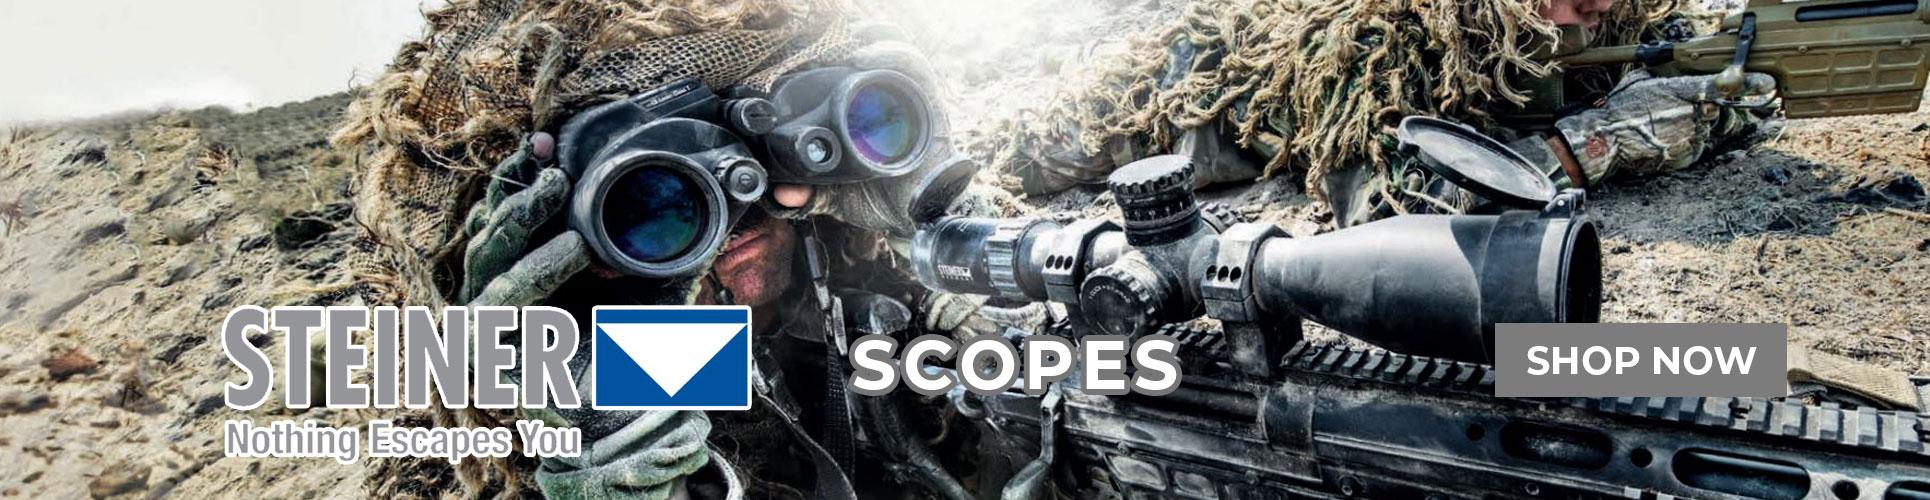 shop-steiner-scopes.jpg